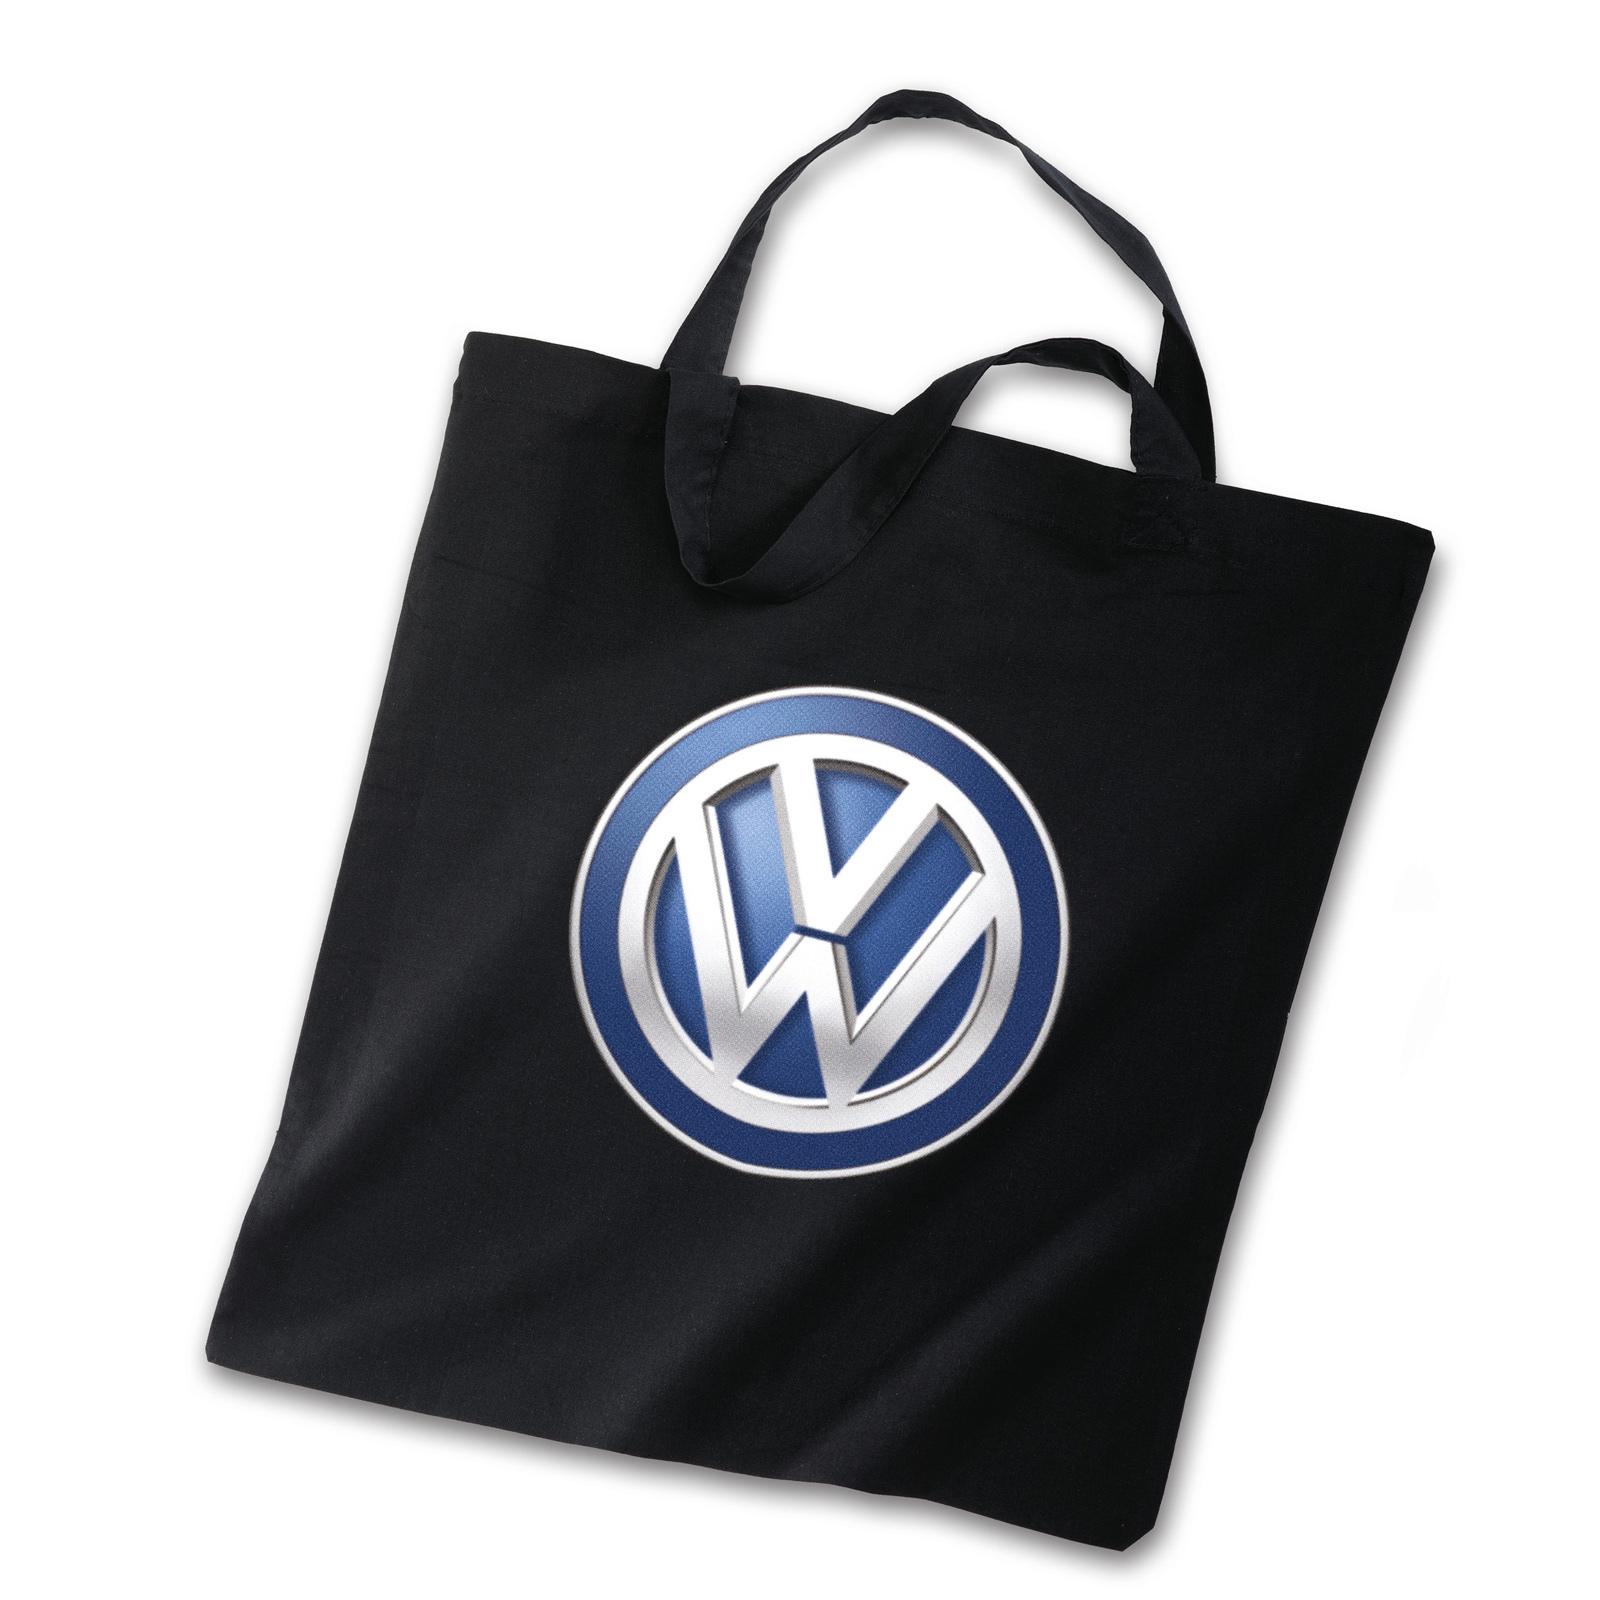 Original Volkswagen Baumwolltasche VW Logo schwarz NEU